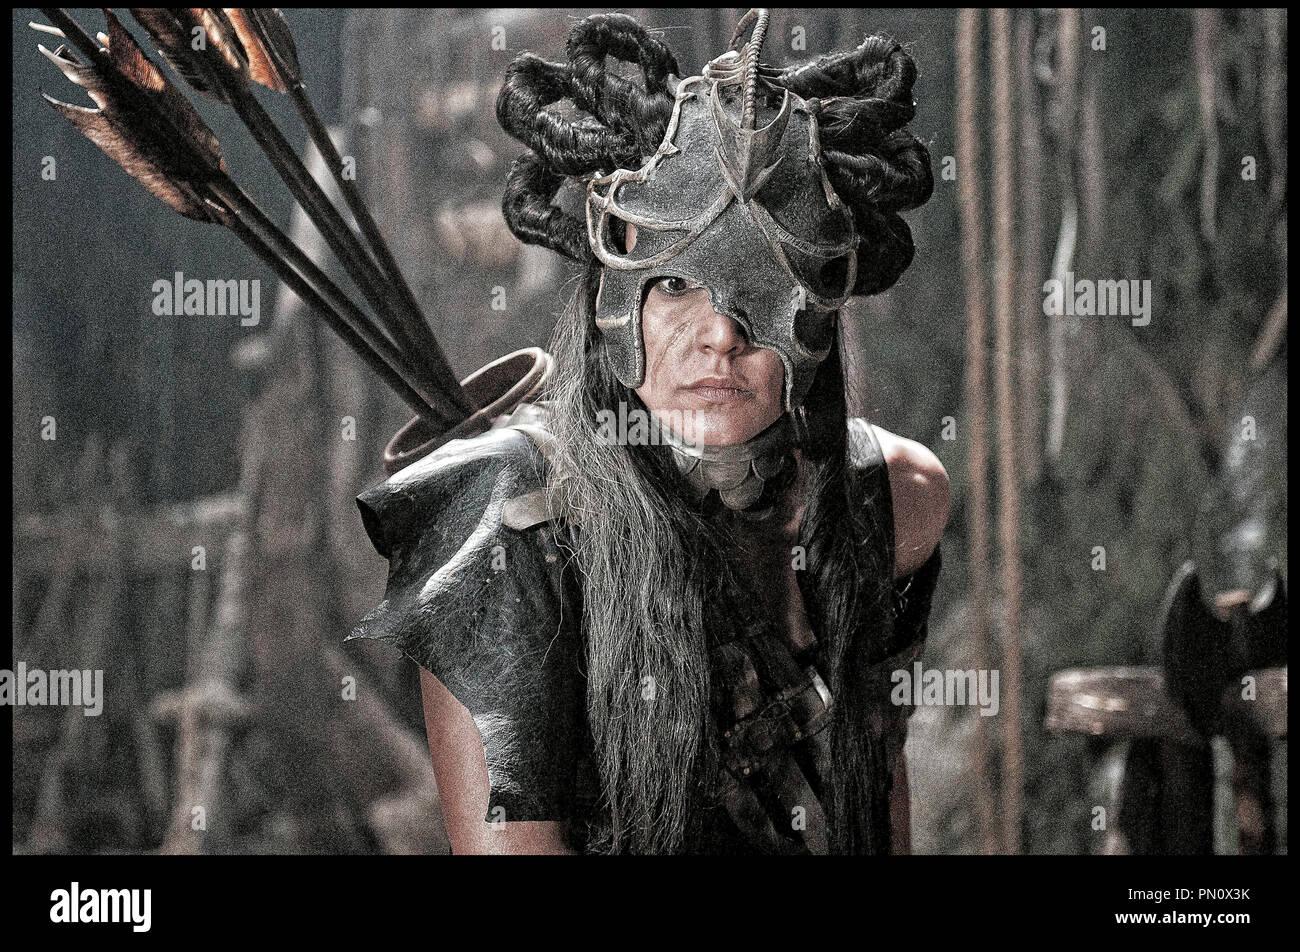 Conan Barbarian 2011 Stock Photos & Conan Barbarian 2011